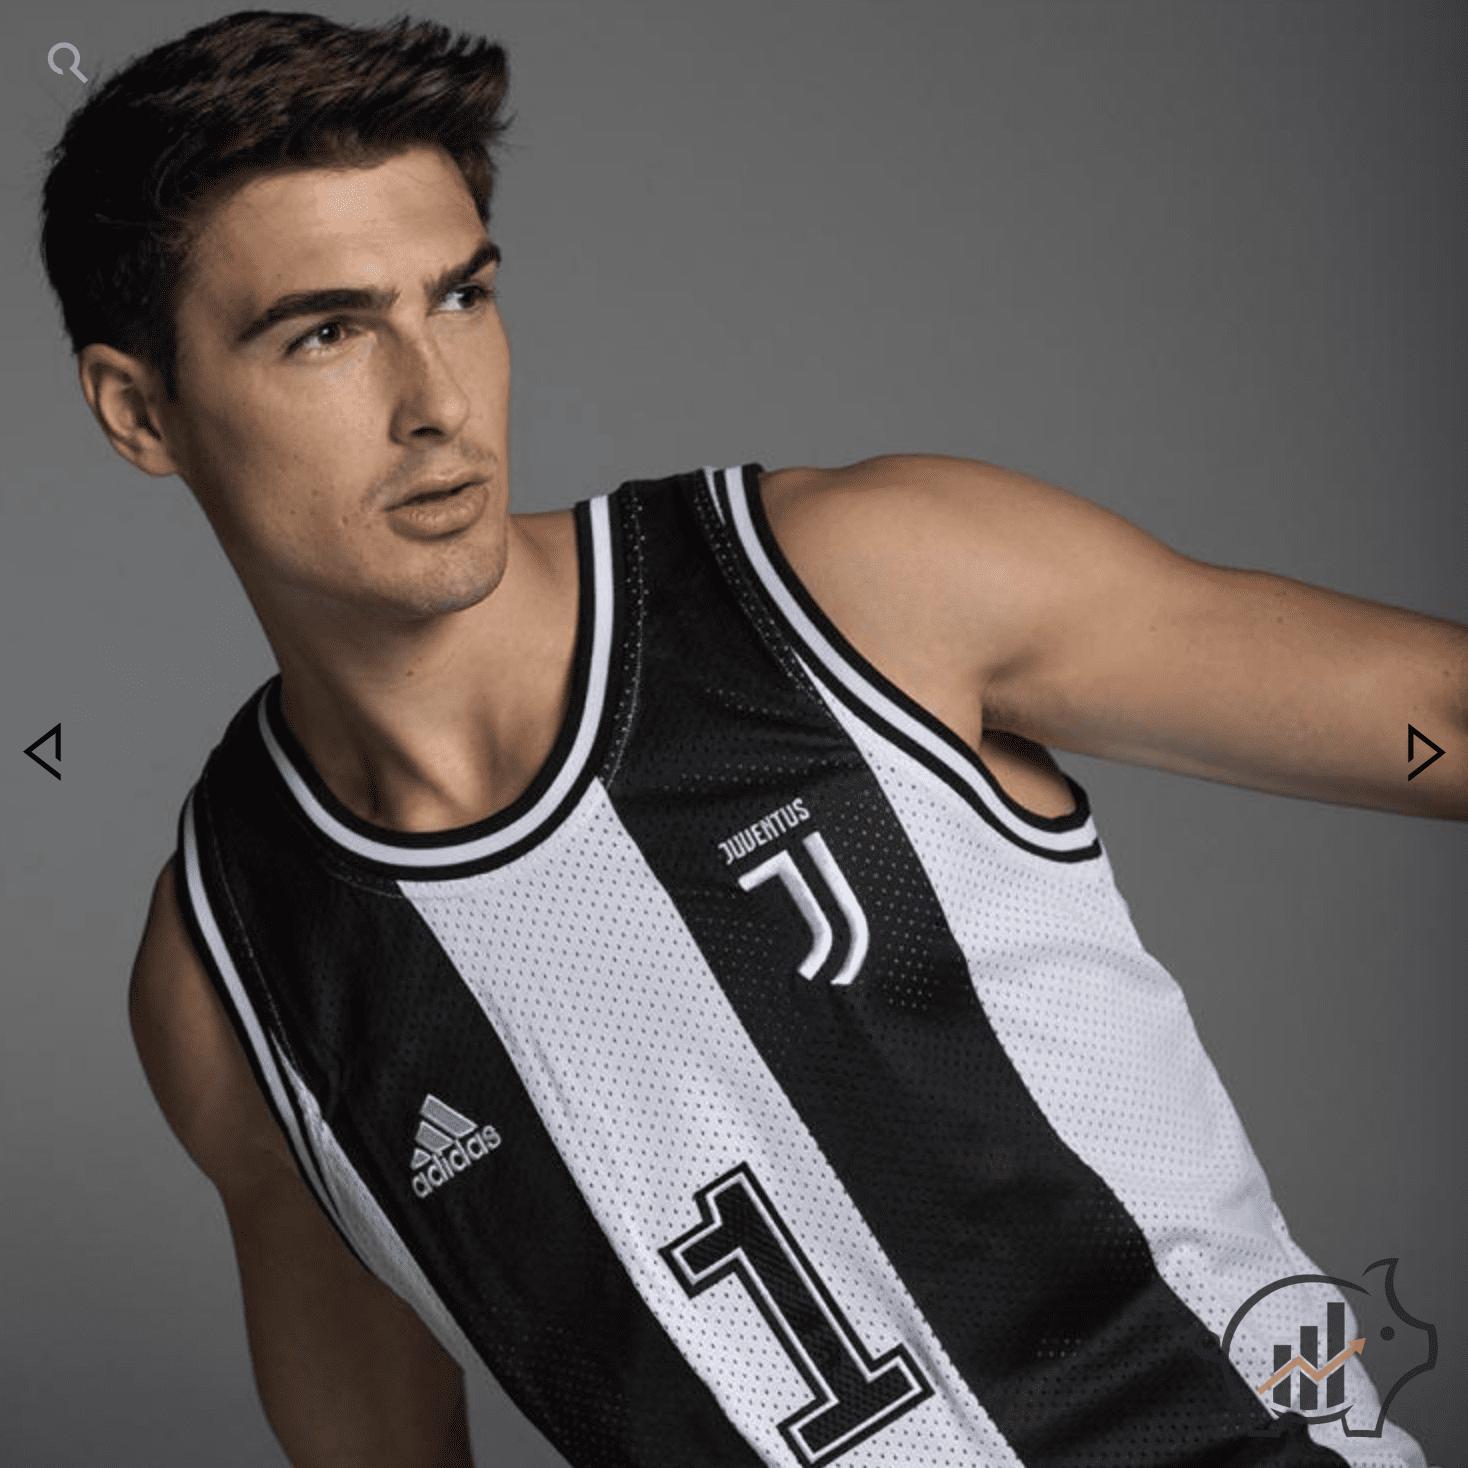 È ufficiale, sono uscite le nuove canotte basket Juventus